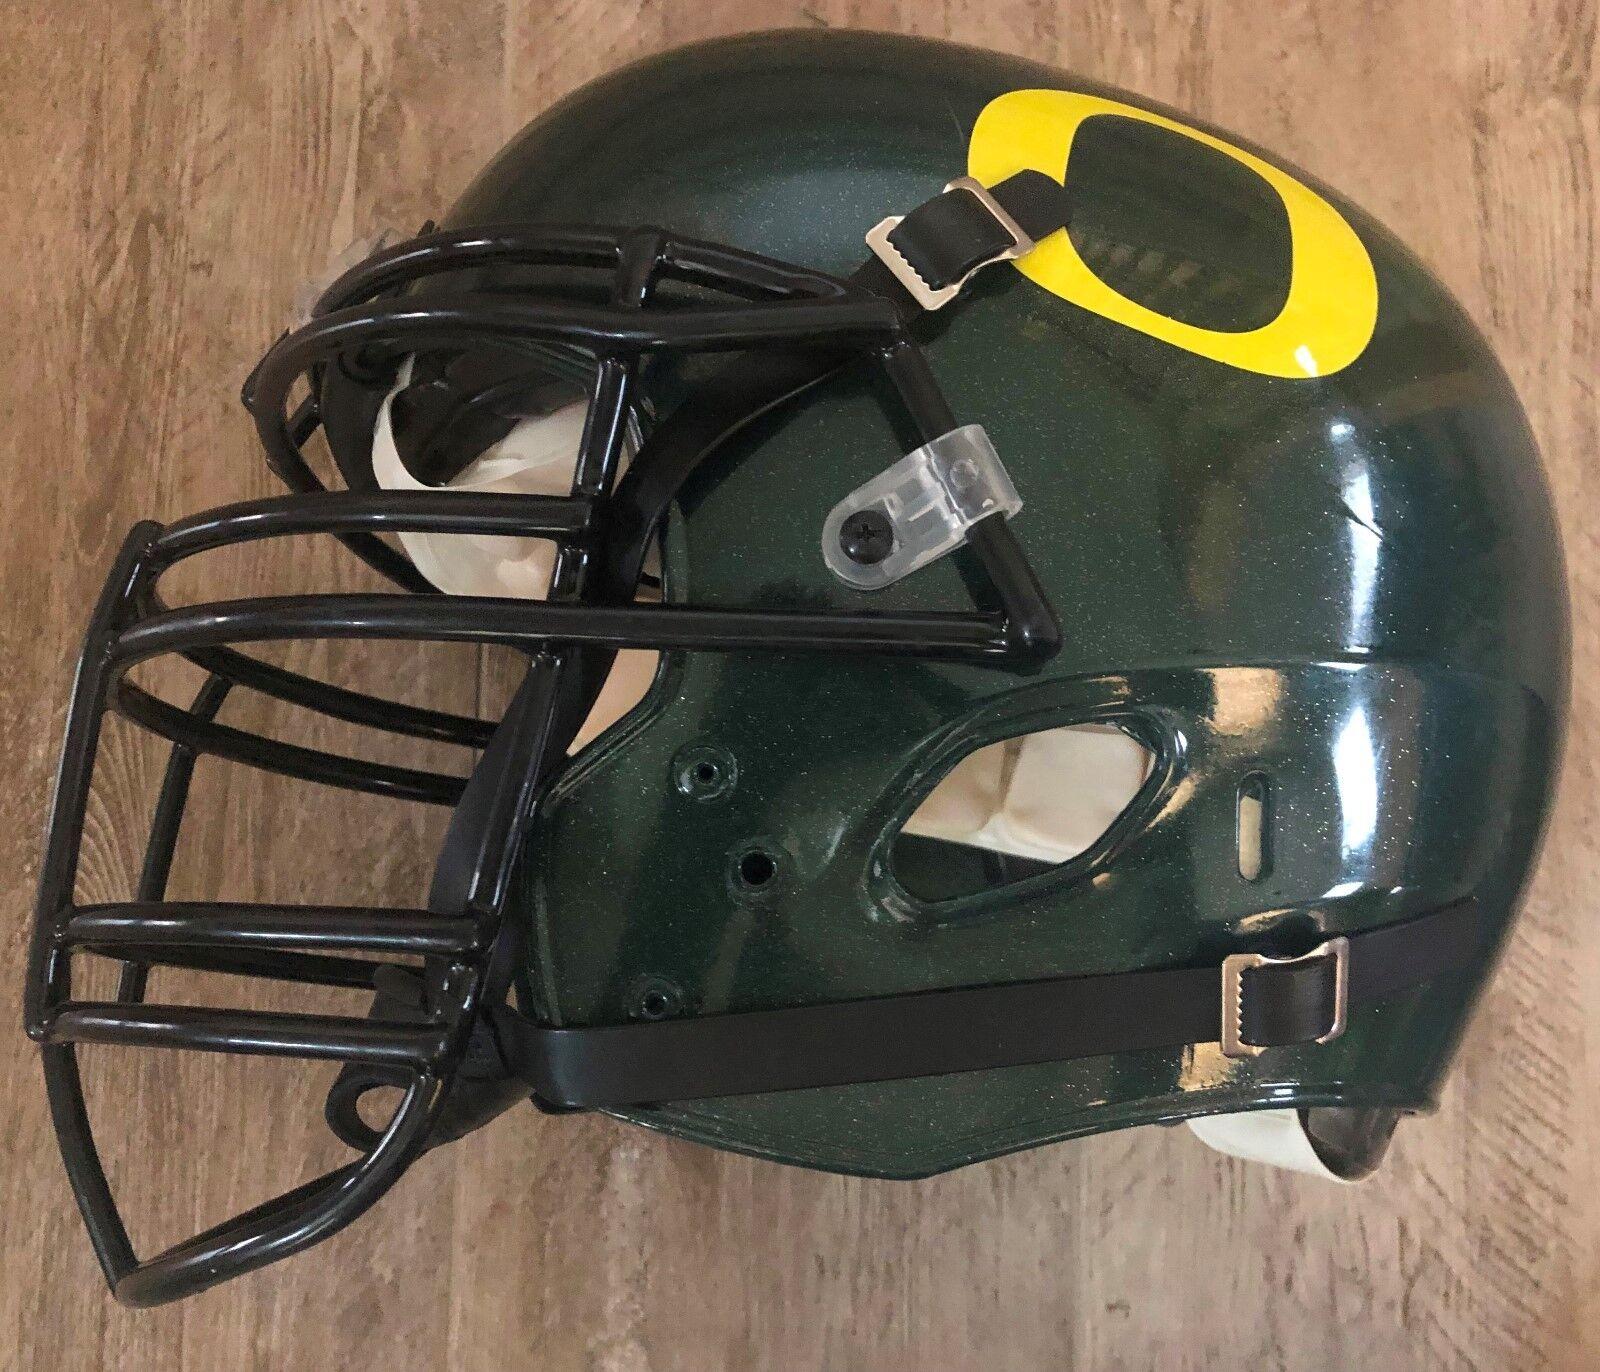 University of Oregon Team Issued Green Schutt DNA Football Helmet